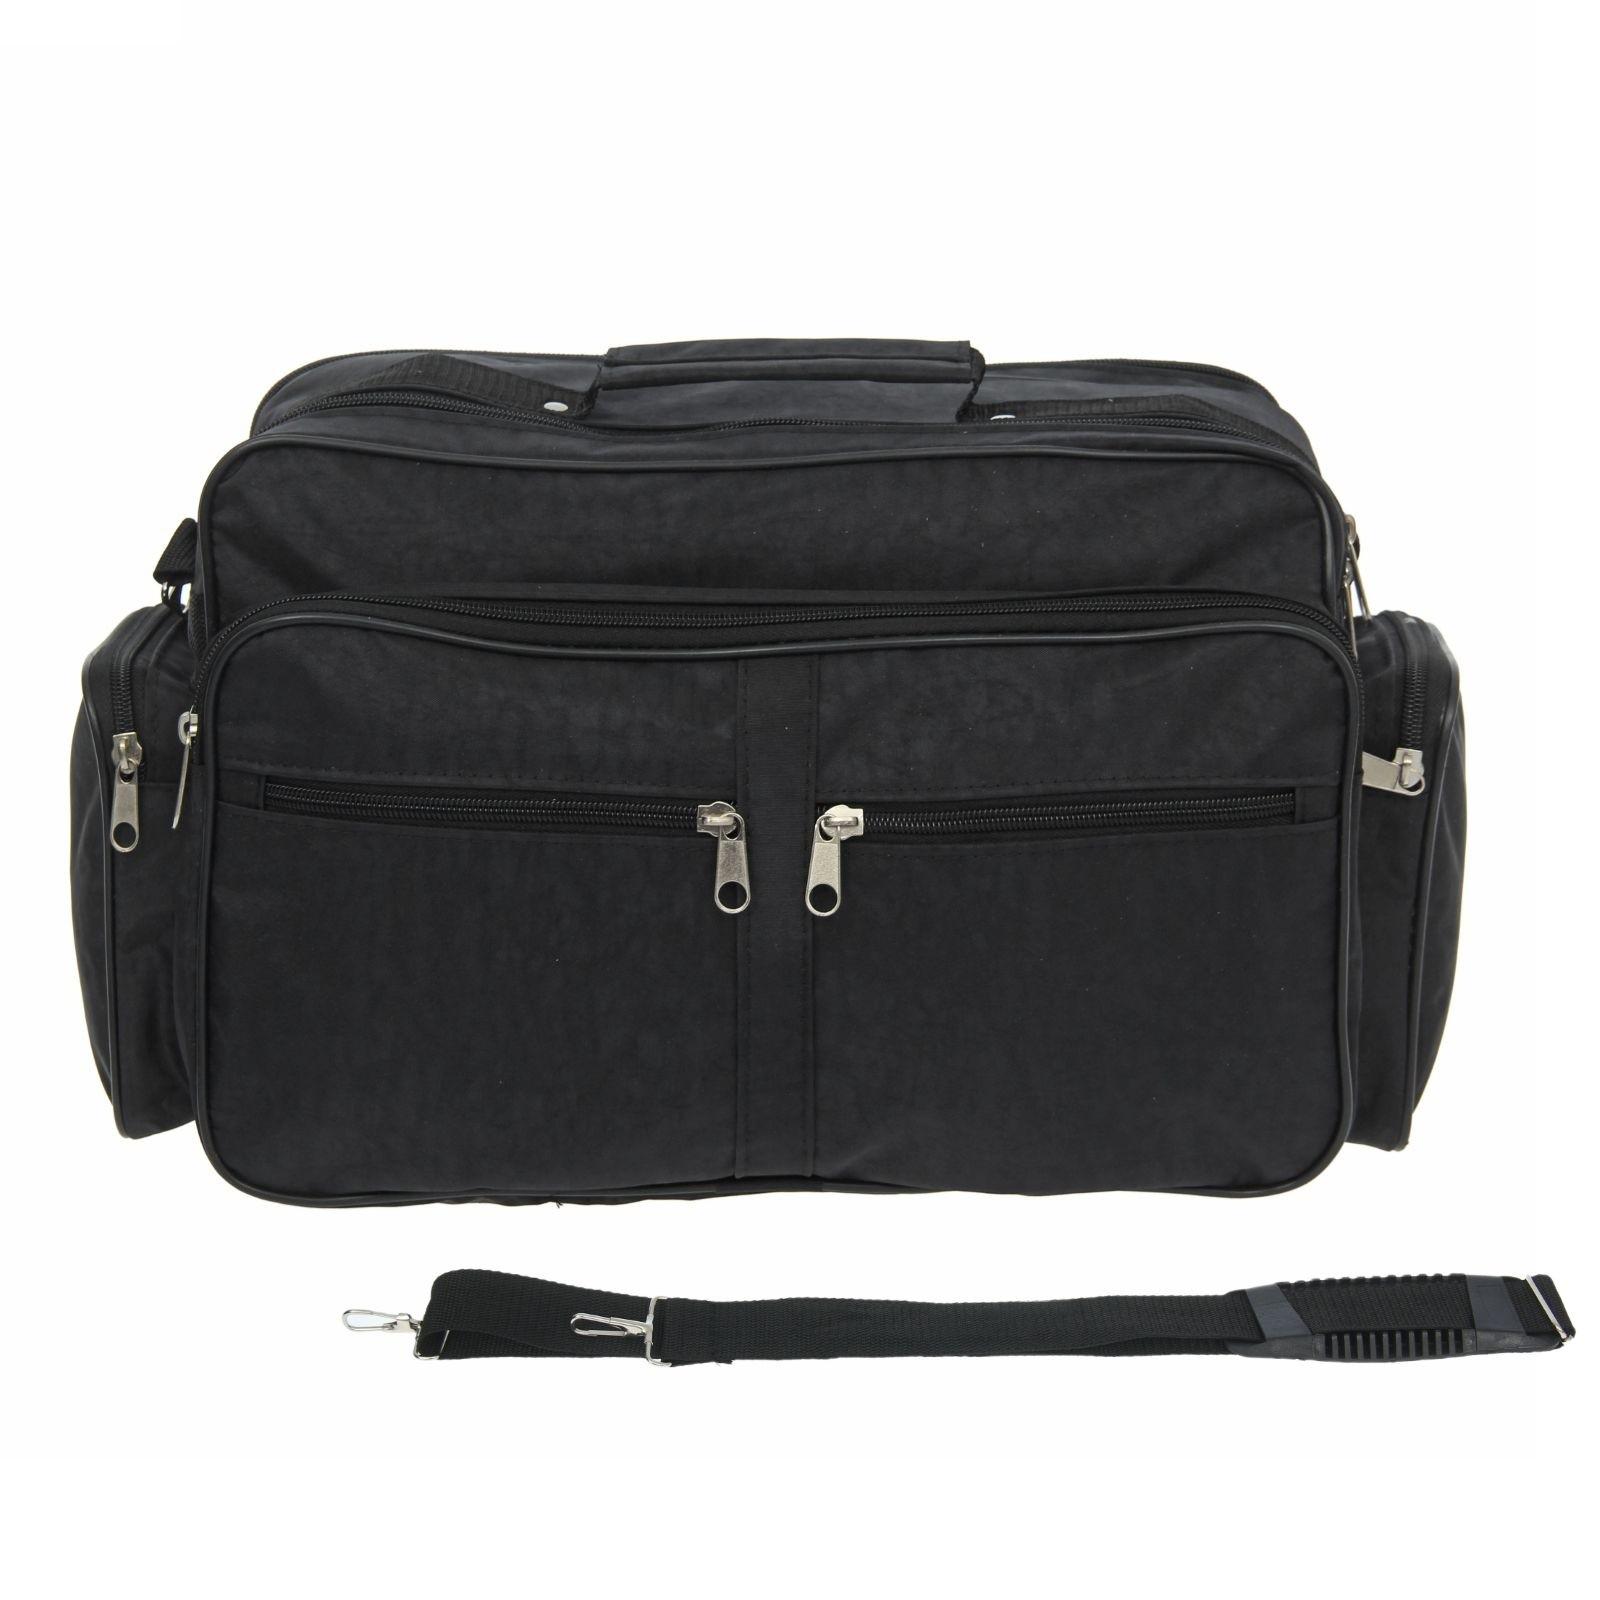 Анонс-изображение товара сумка муж 023  28*17*35 см, 1 отдел на молнии, нар карман, длинный ремень, черный 1355373